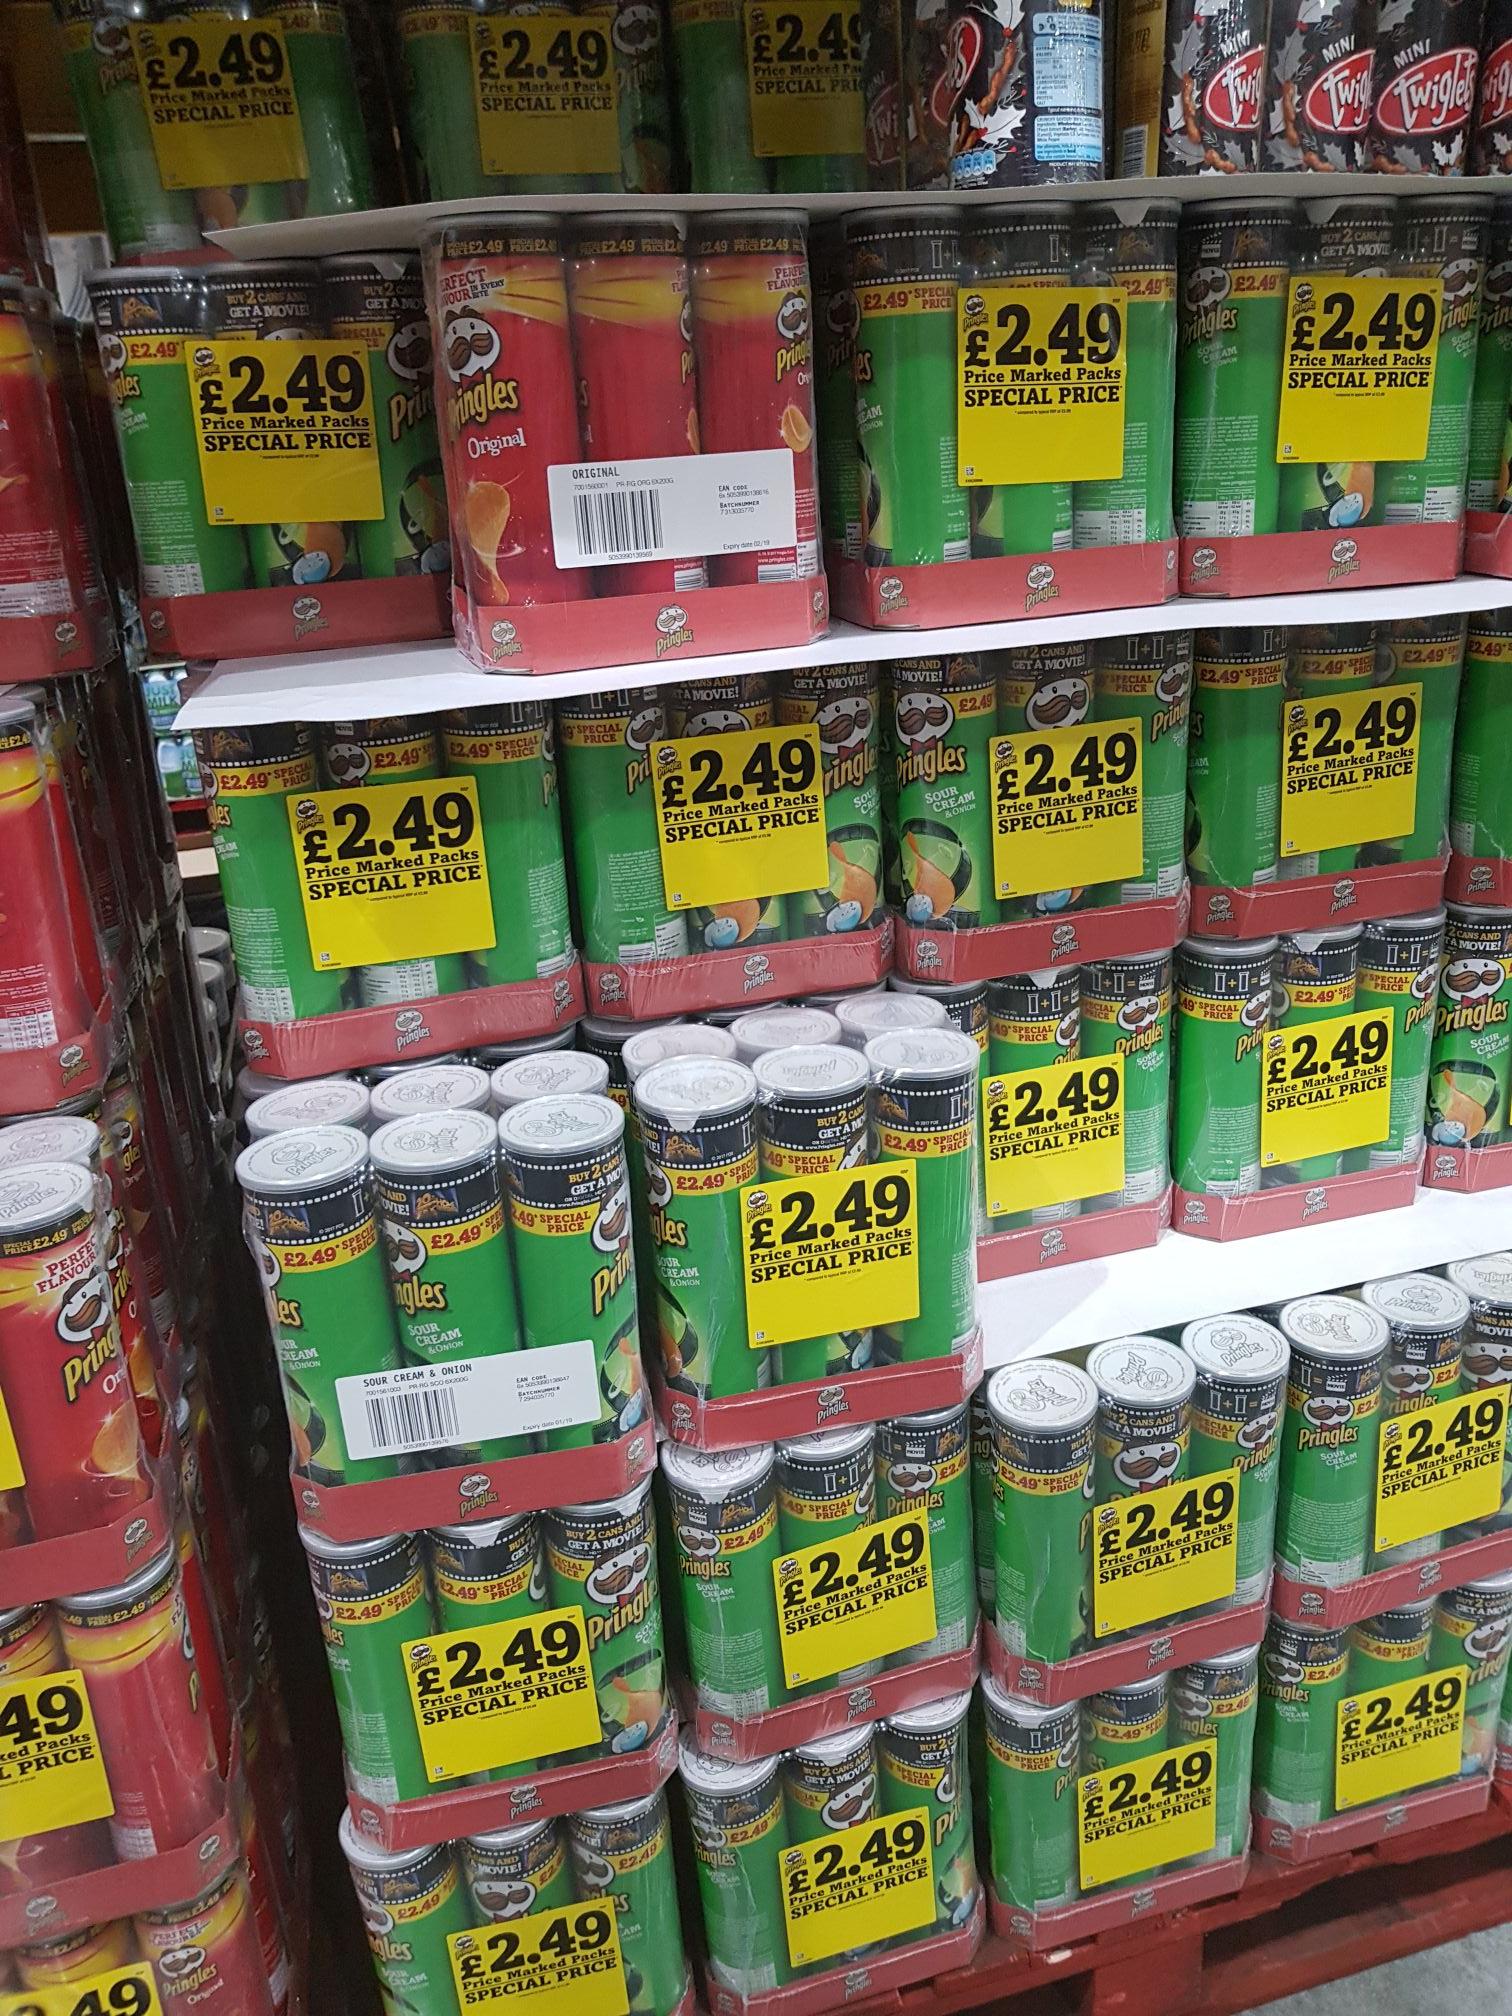 Pringles Costco Sheffield   6x200g £2.49